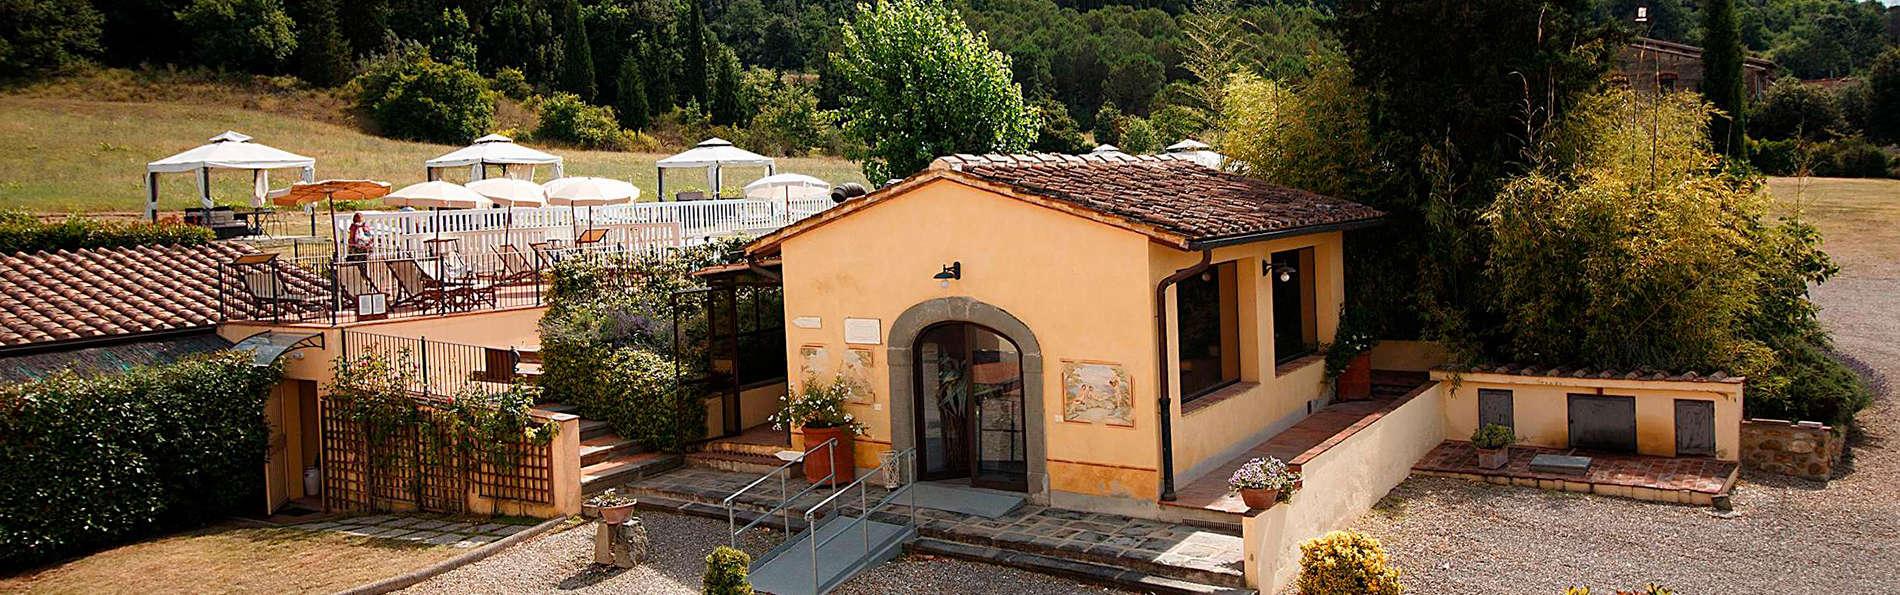 Week-end dans la nature sous le soleil de Toscane